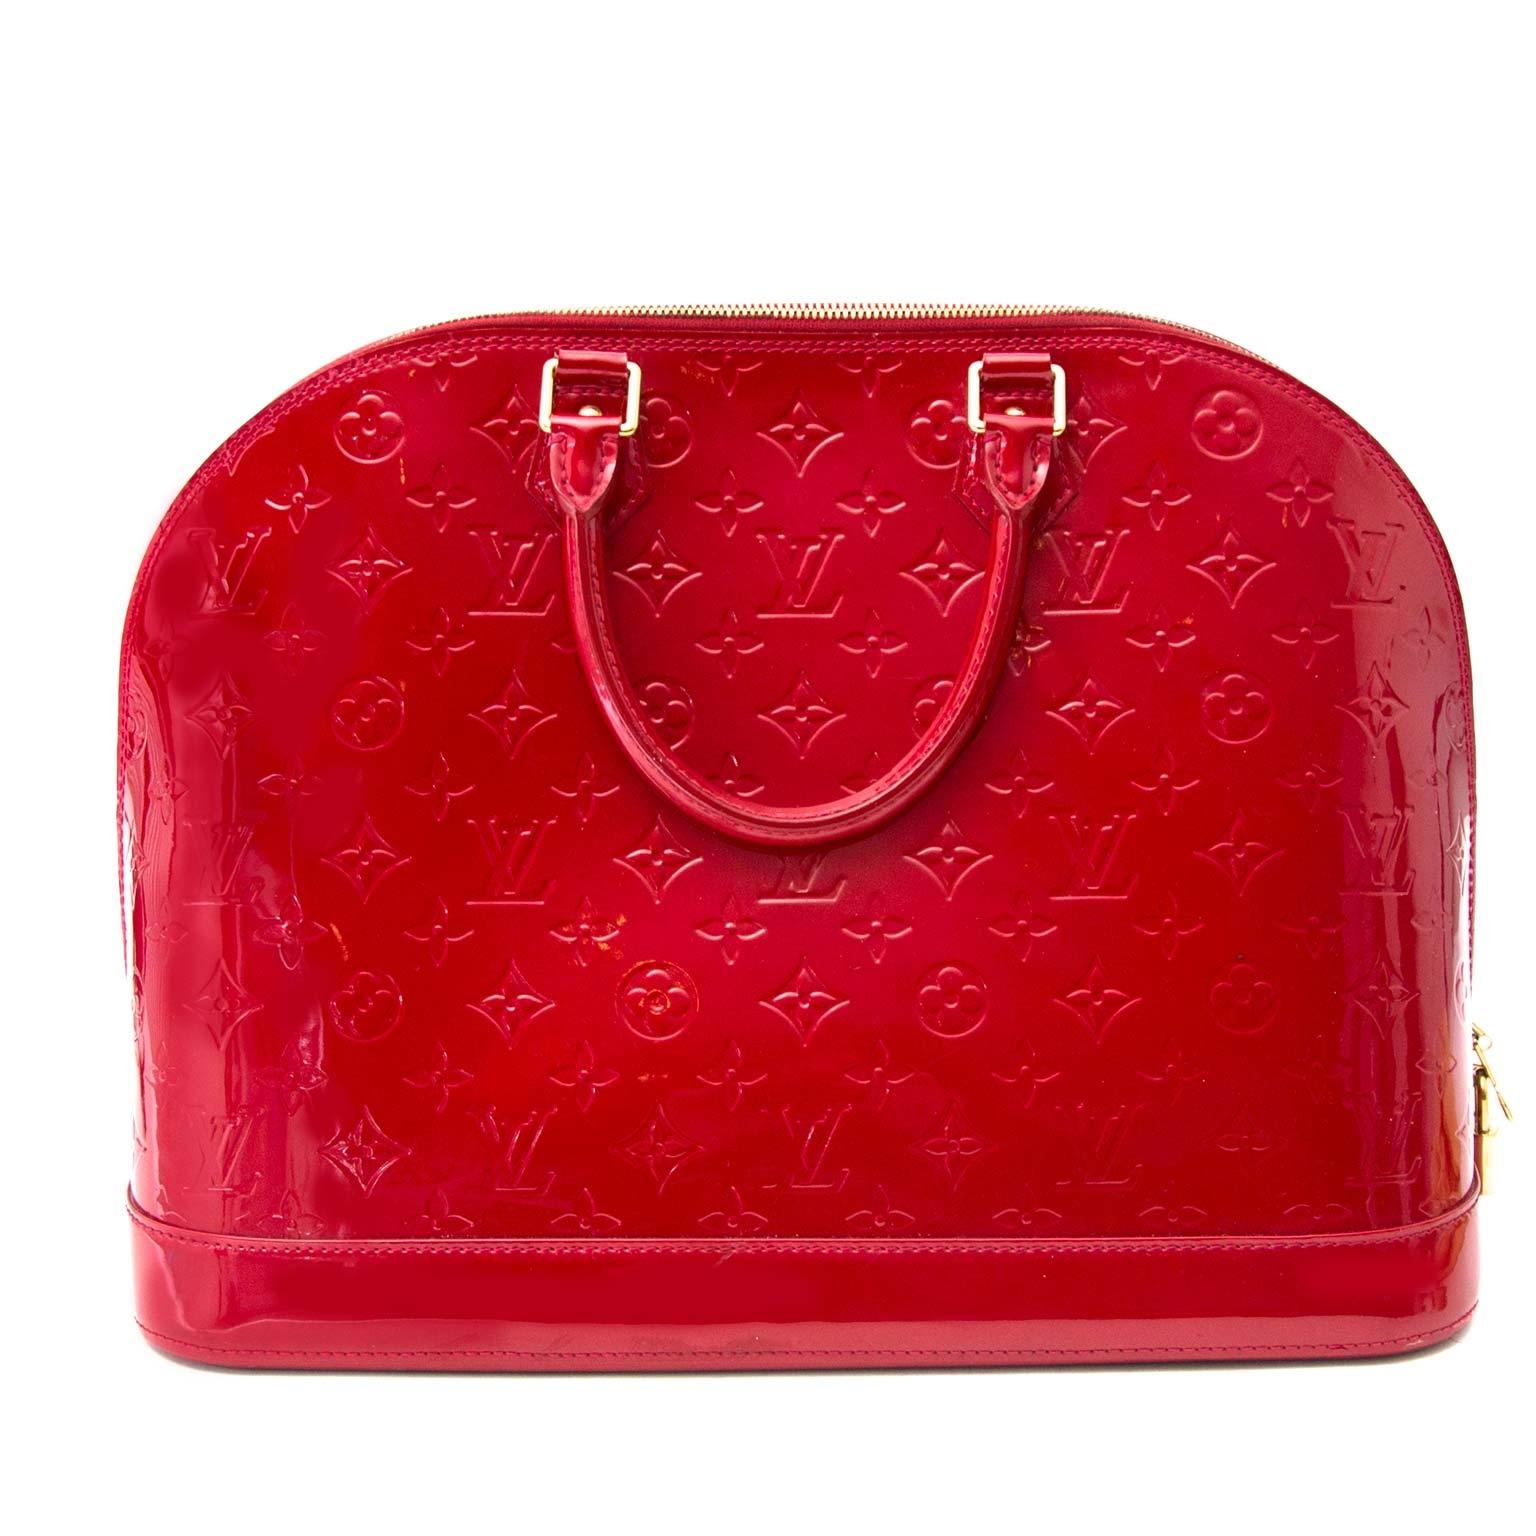 ... acheter en ligne pour le meilleur prix Louis Vuitton Alma Cherry  Monogram Vernis MM 40d8817d76c